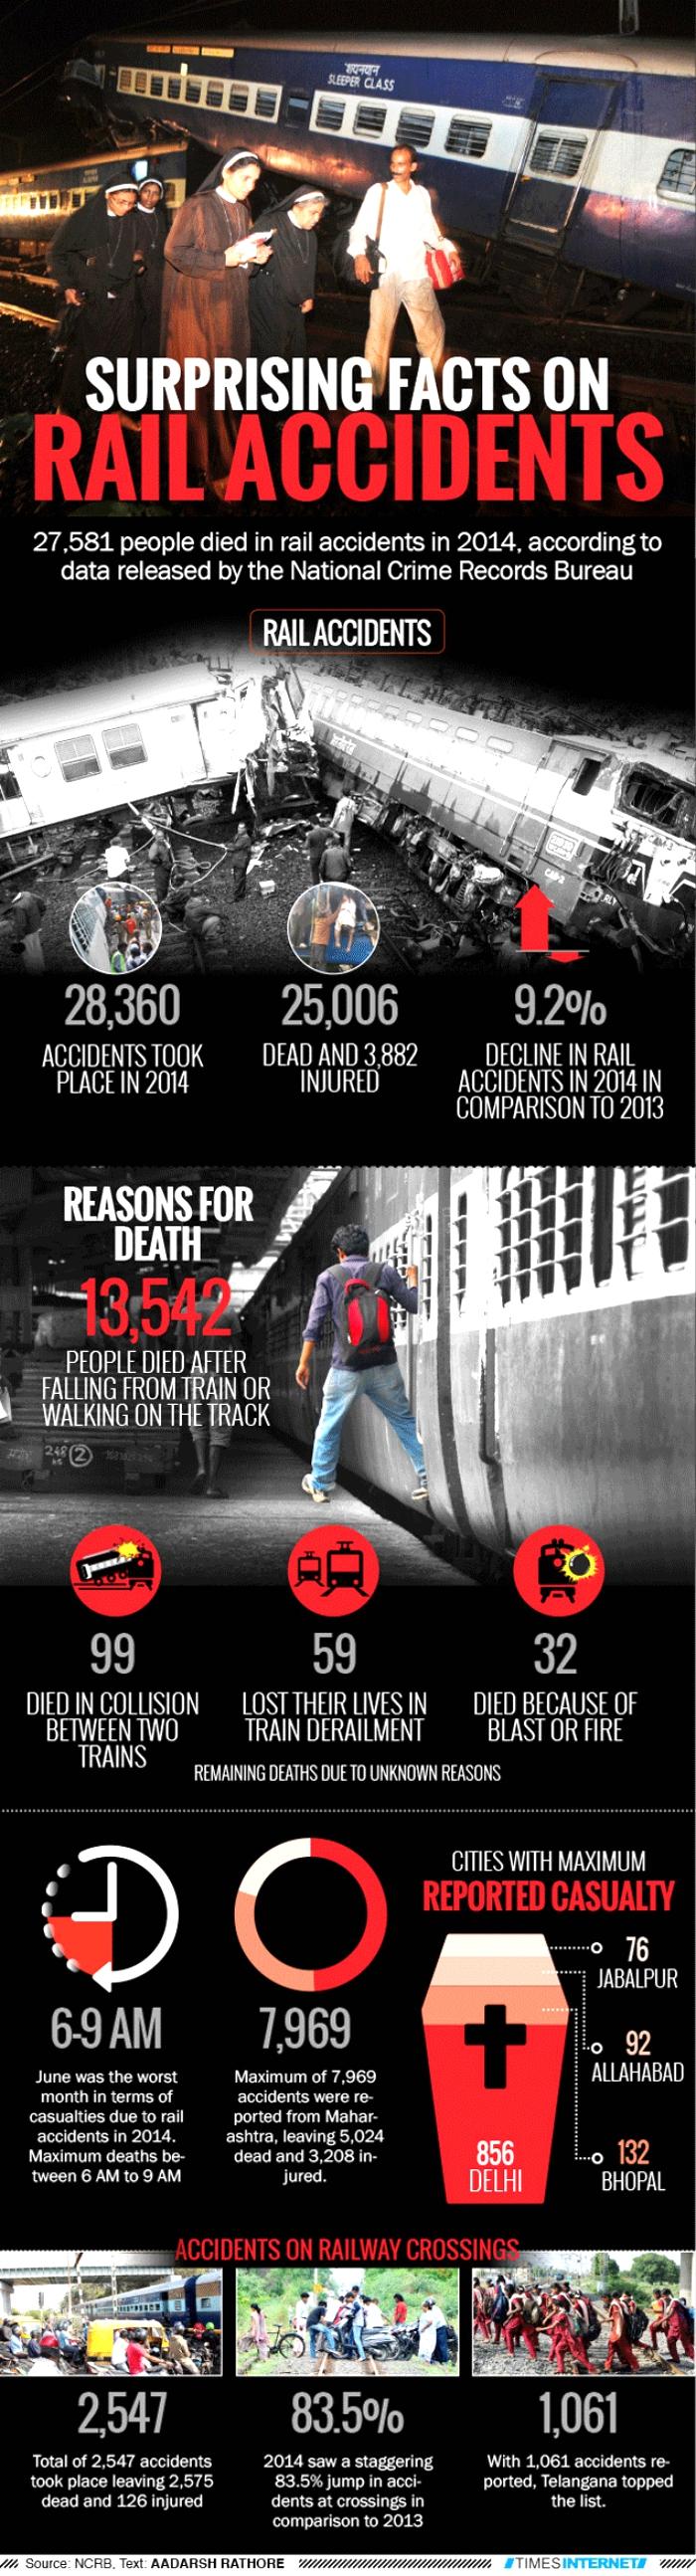 Railway accidents india